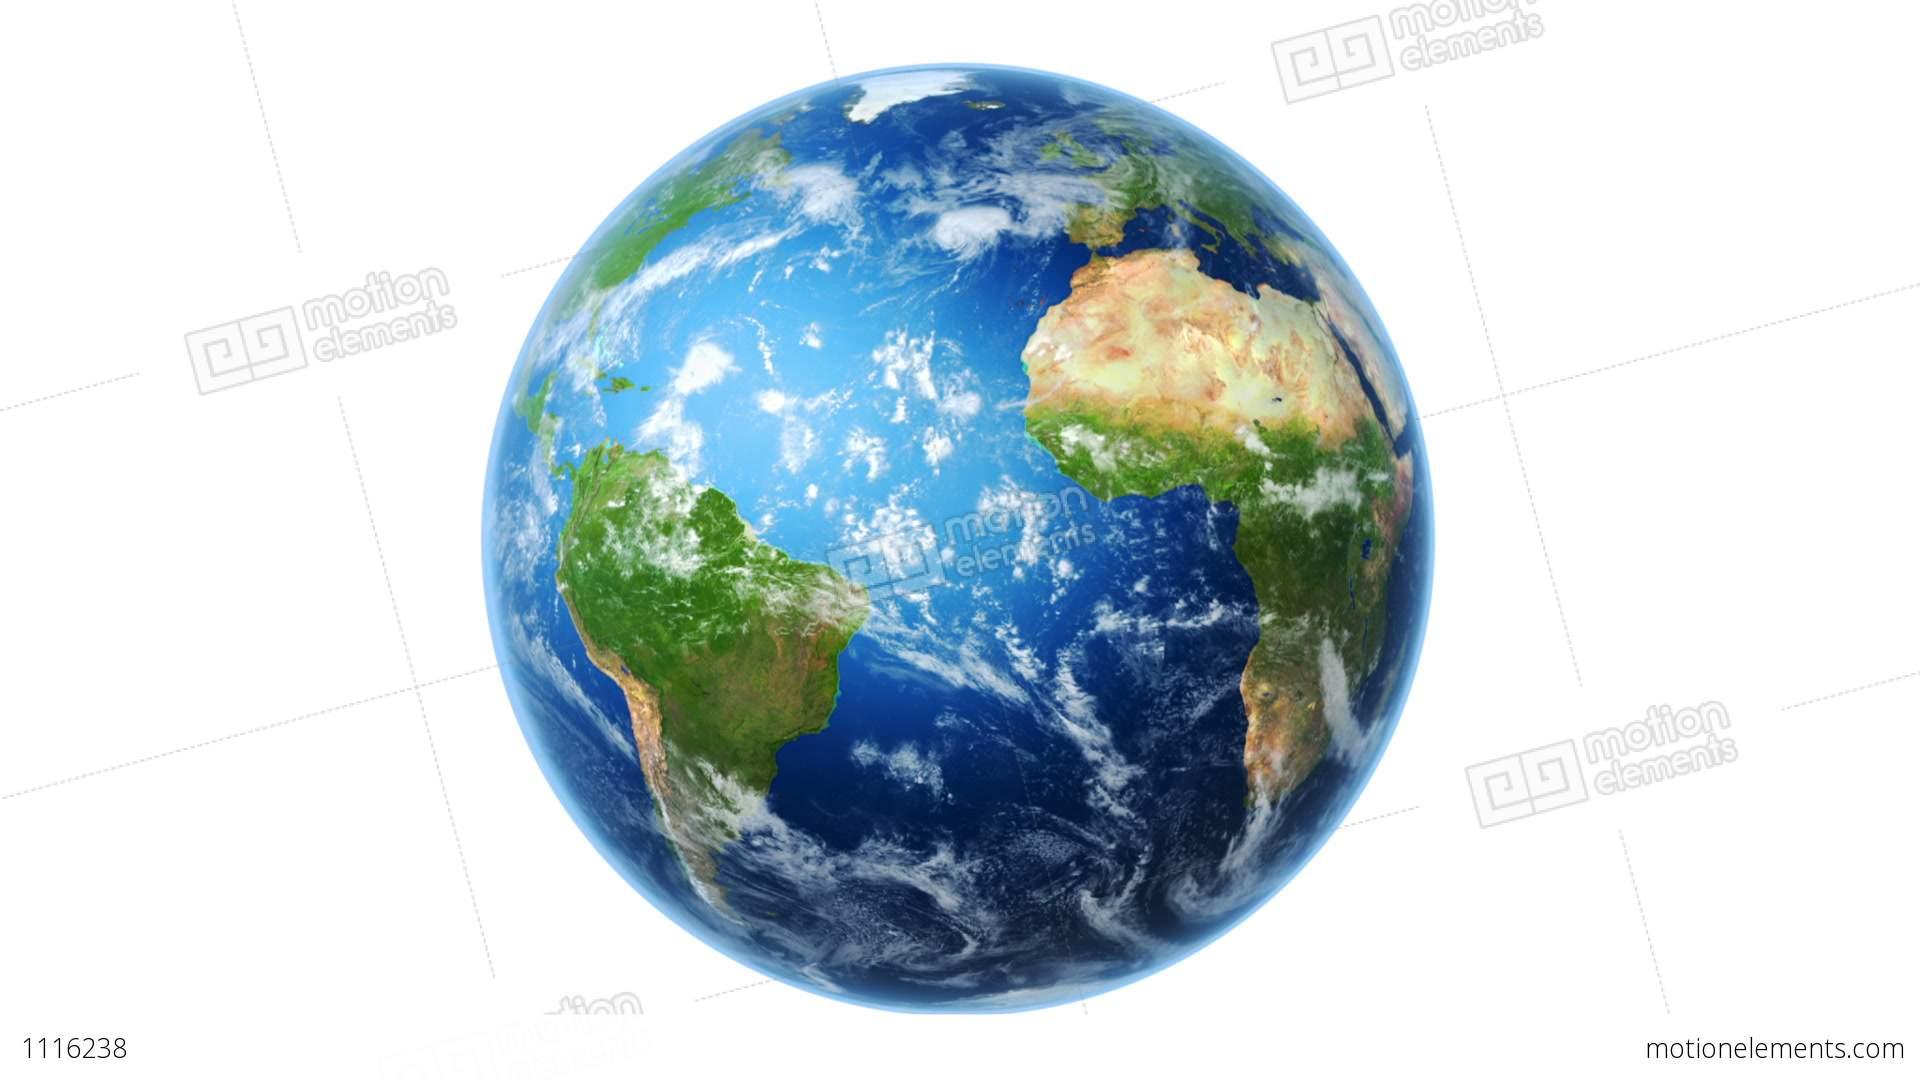 Realistic World Map Wraps To Globe White Backgrou Stock Animation - World globe map